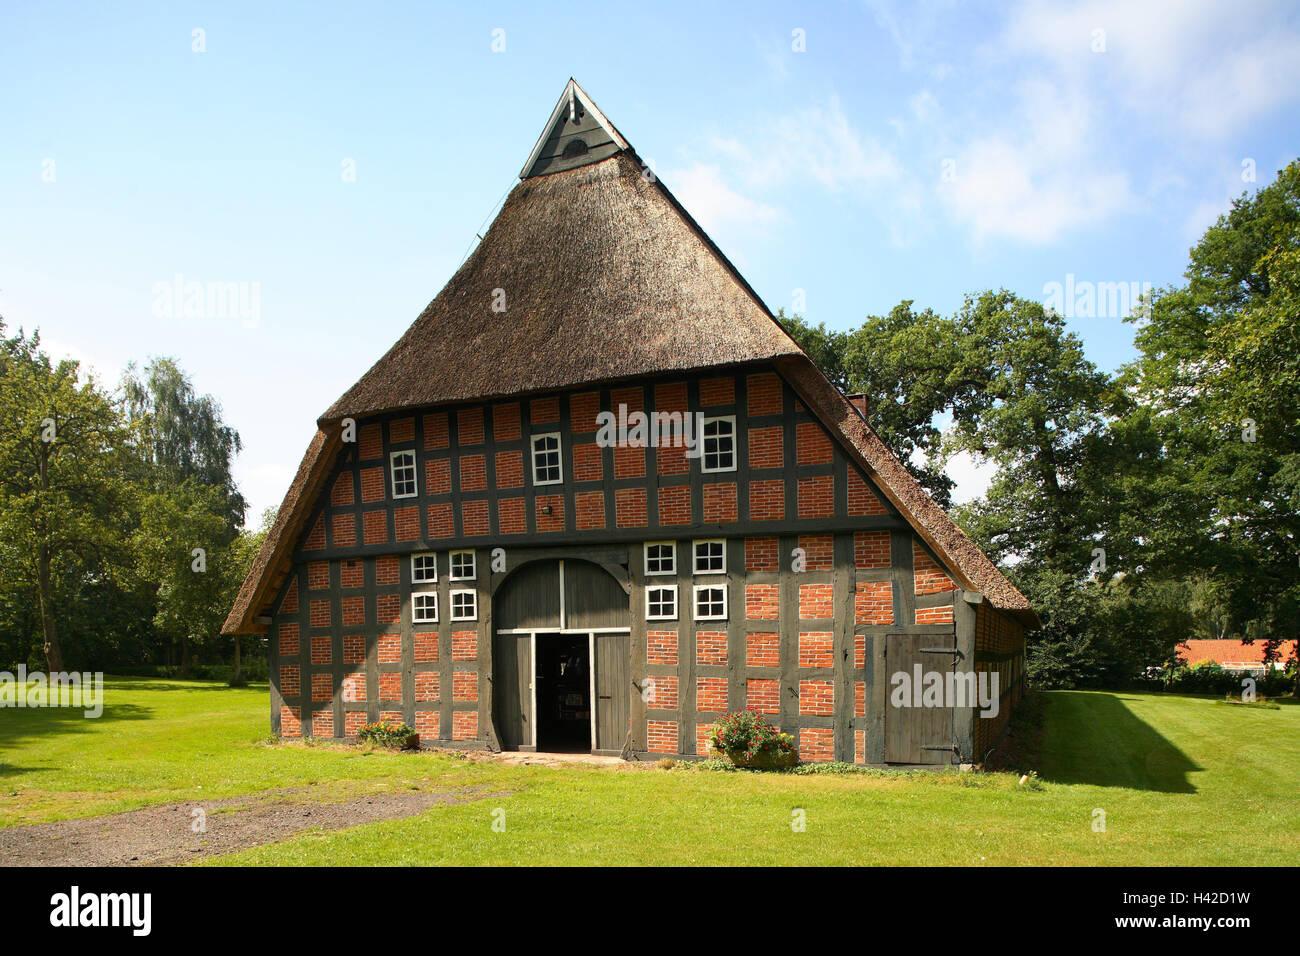 deutschland niedersachsen d tlingen bauernhof haus fachwerk strohgedeckten dach wiese. Black Bedroom Furniture Sets. Home Design Ideas